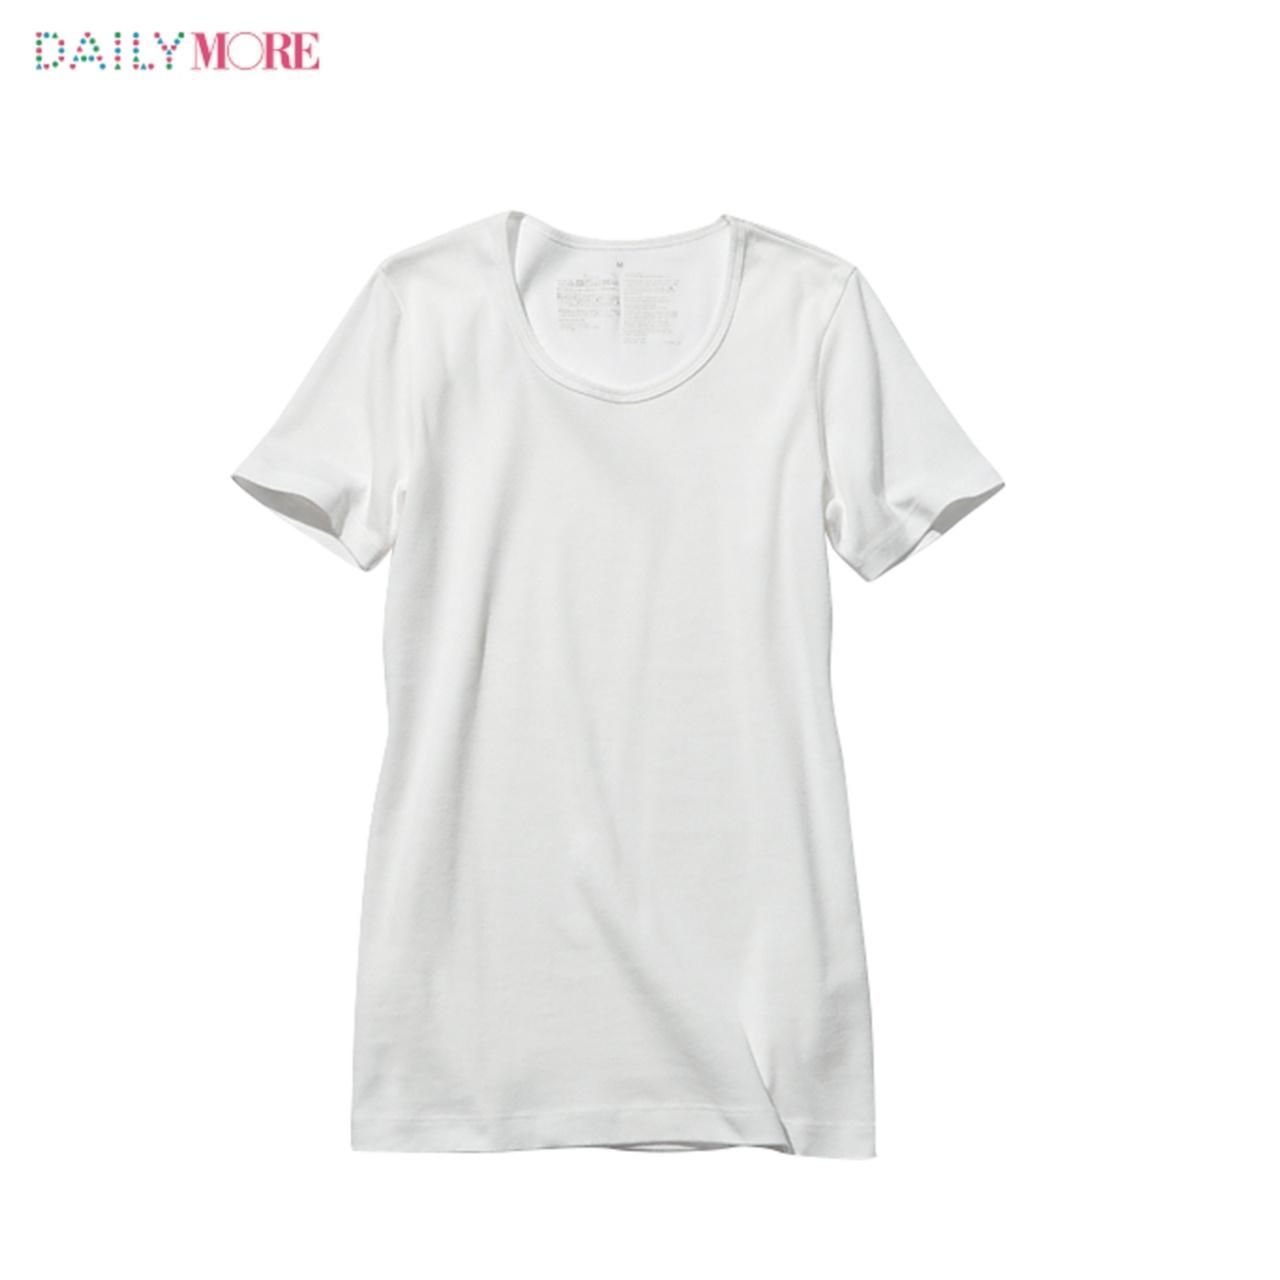 シルエットも素材もこだわりまくりの4タイプ!!【無印良品】の白Tシャツのここがスゴイ!_2_3